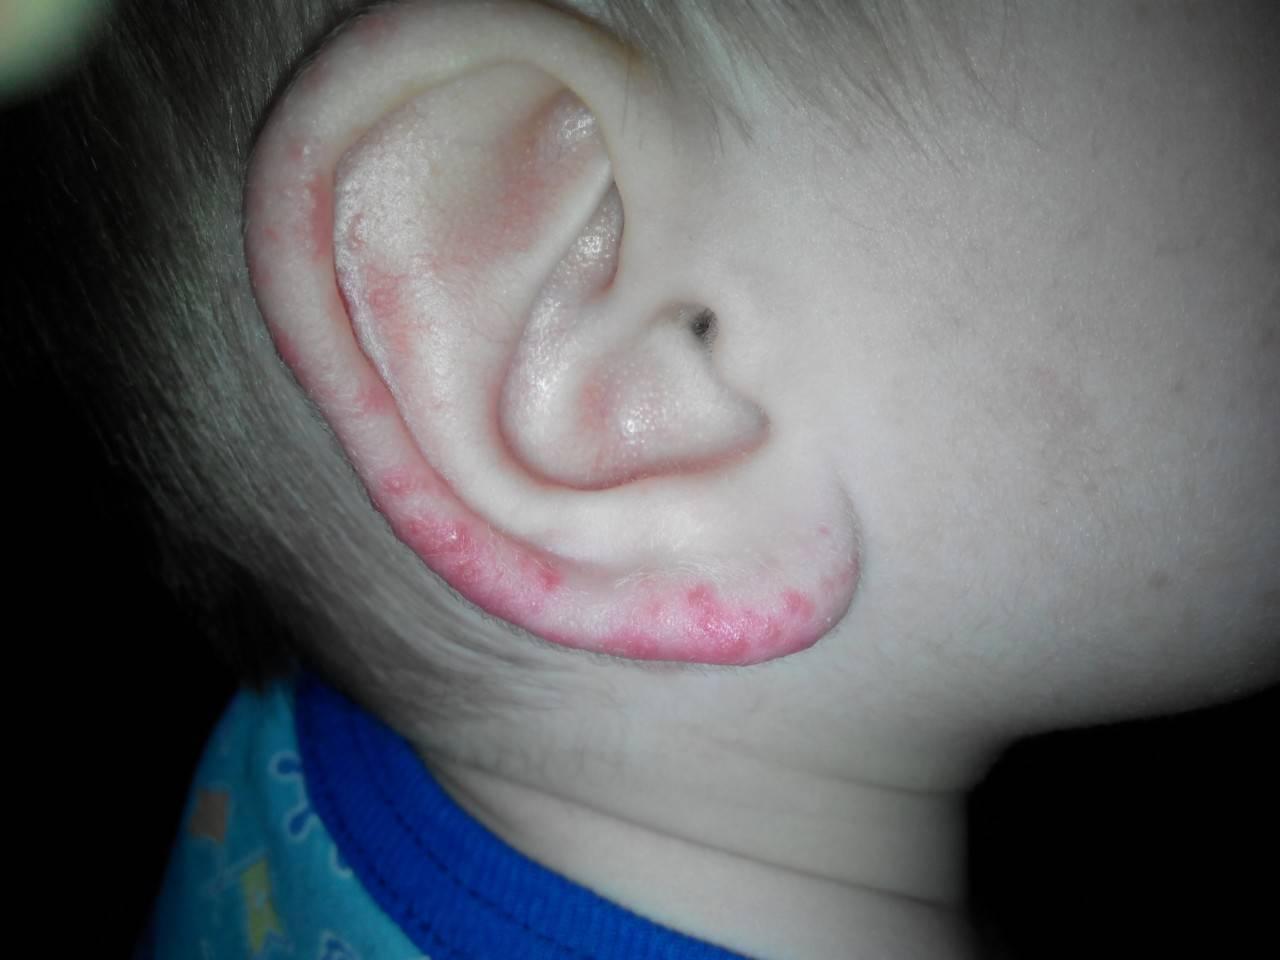 Герпес на ухе (в ухе и за ухом): симптомы, причины, лечение (фото и видео)